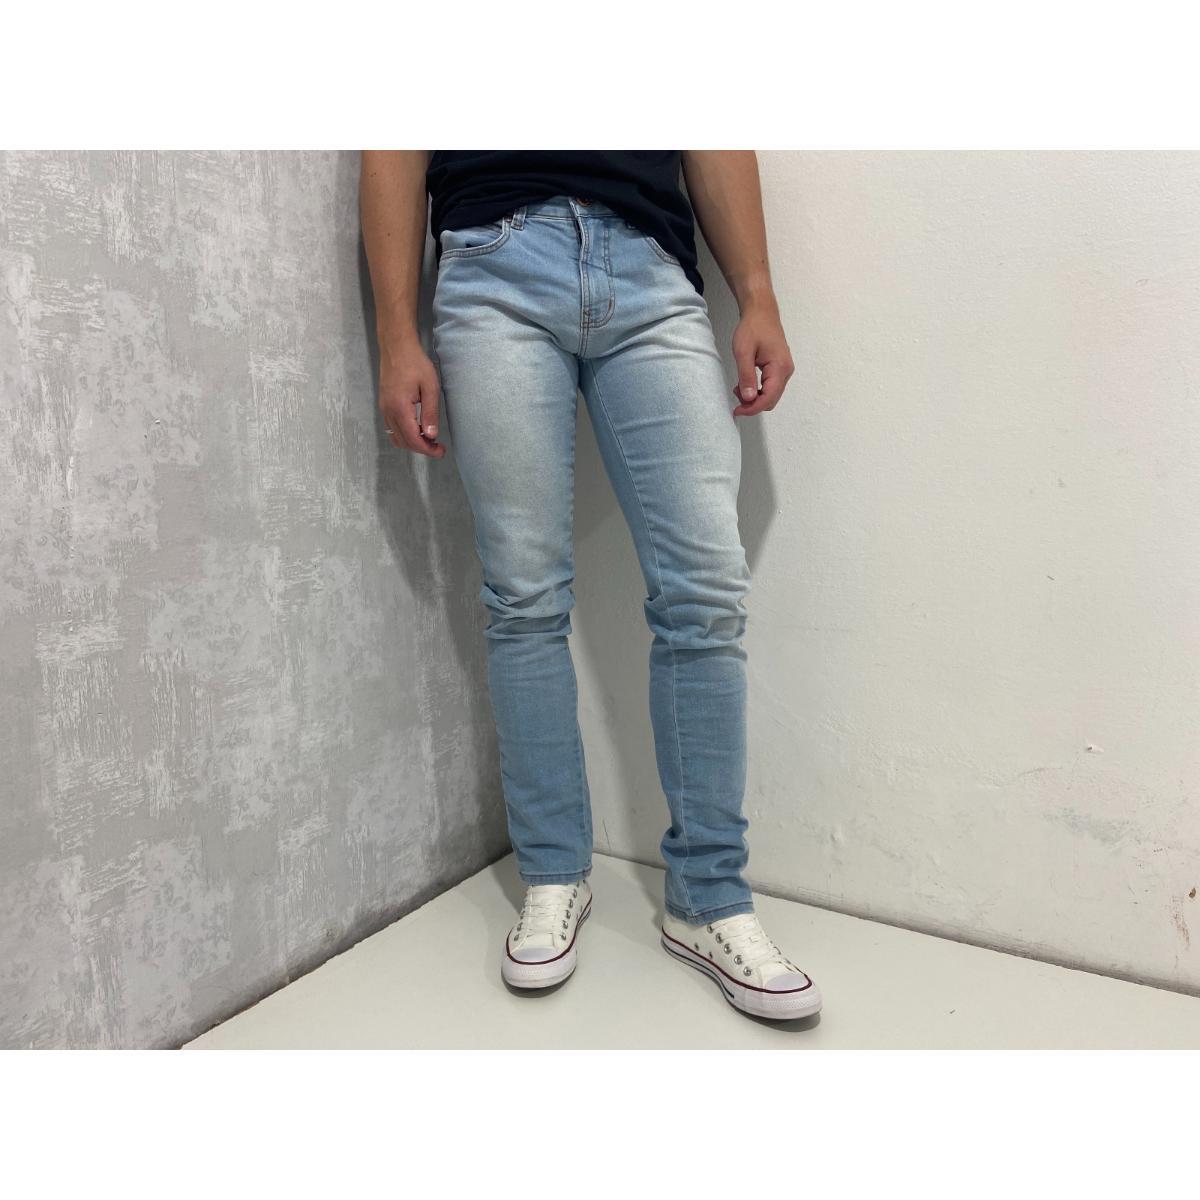 Calça Masculina Colcci 10106183 600 Jeans